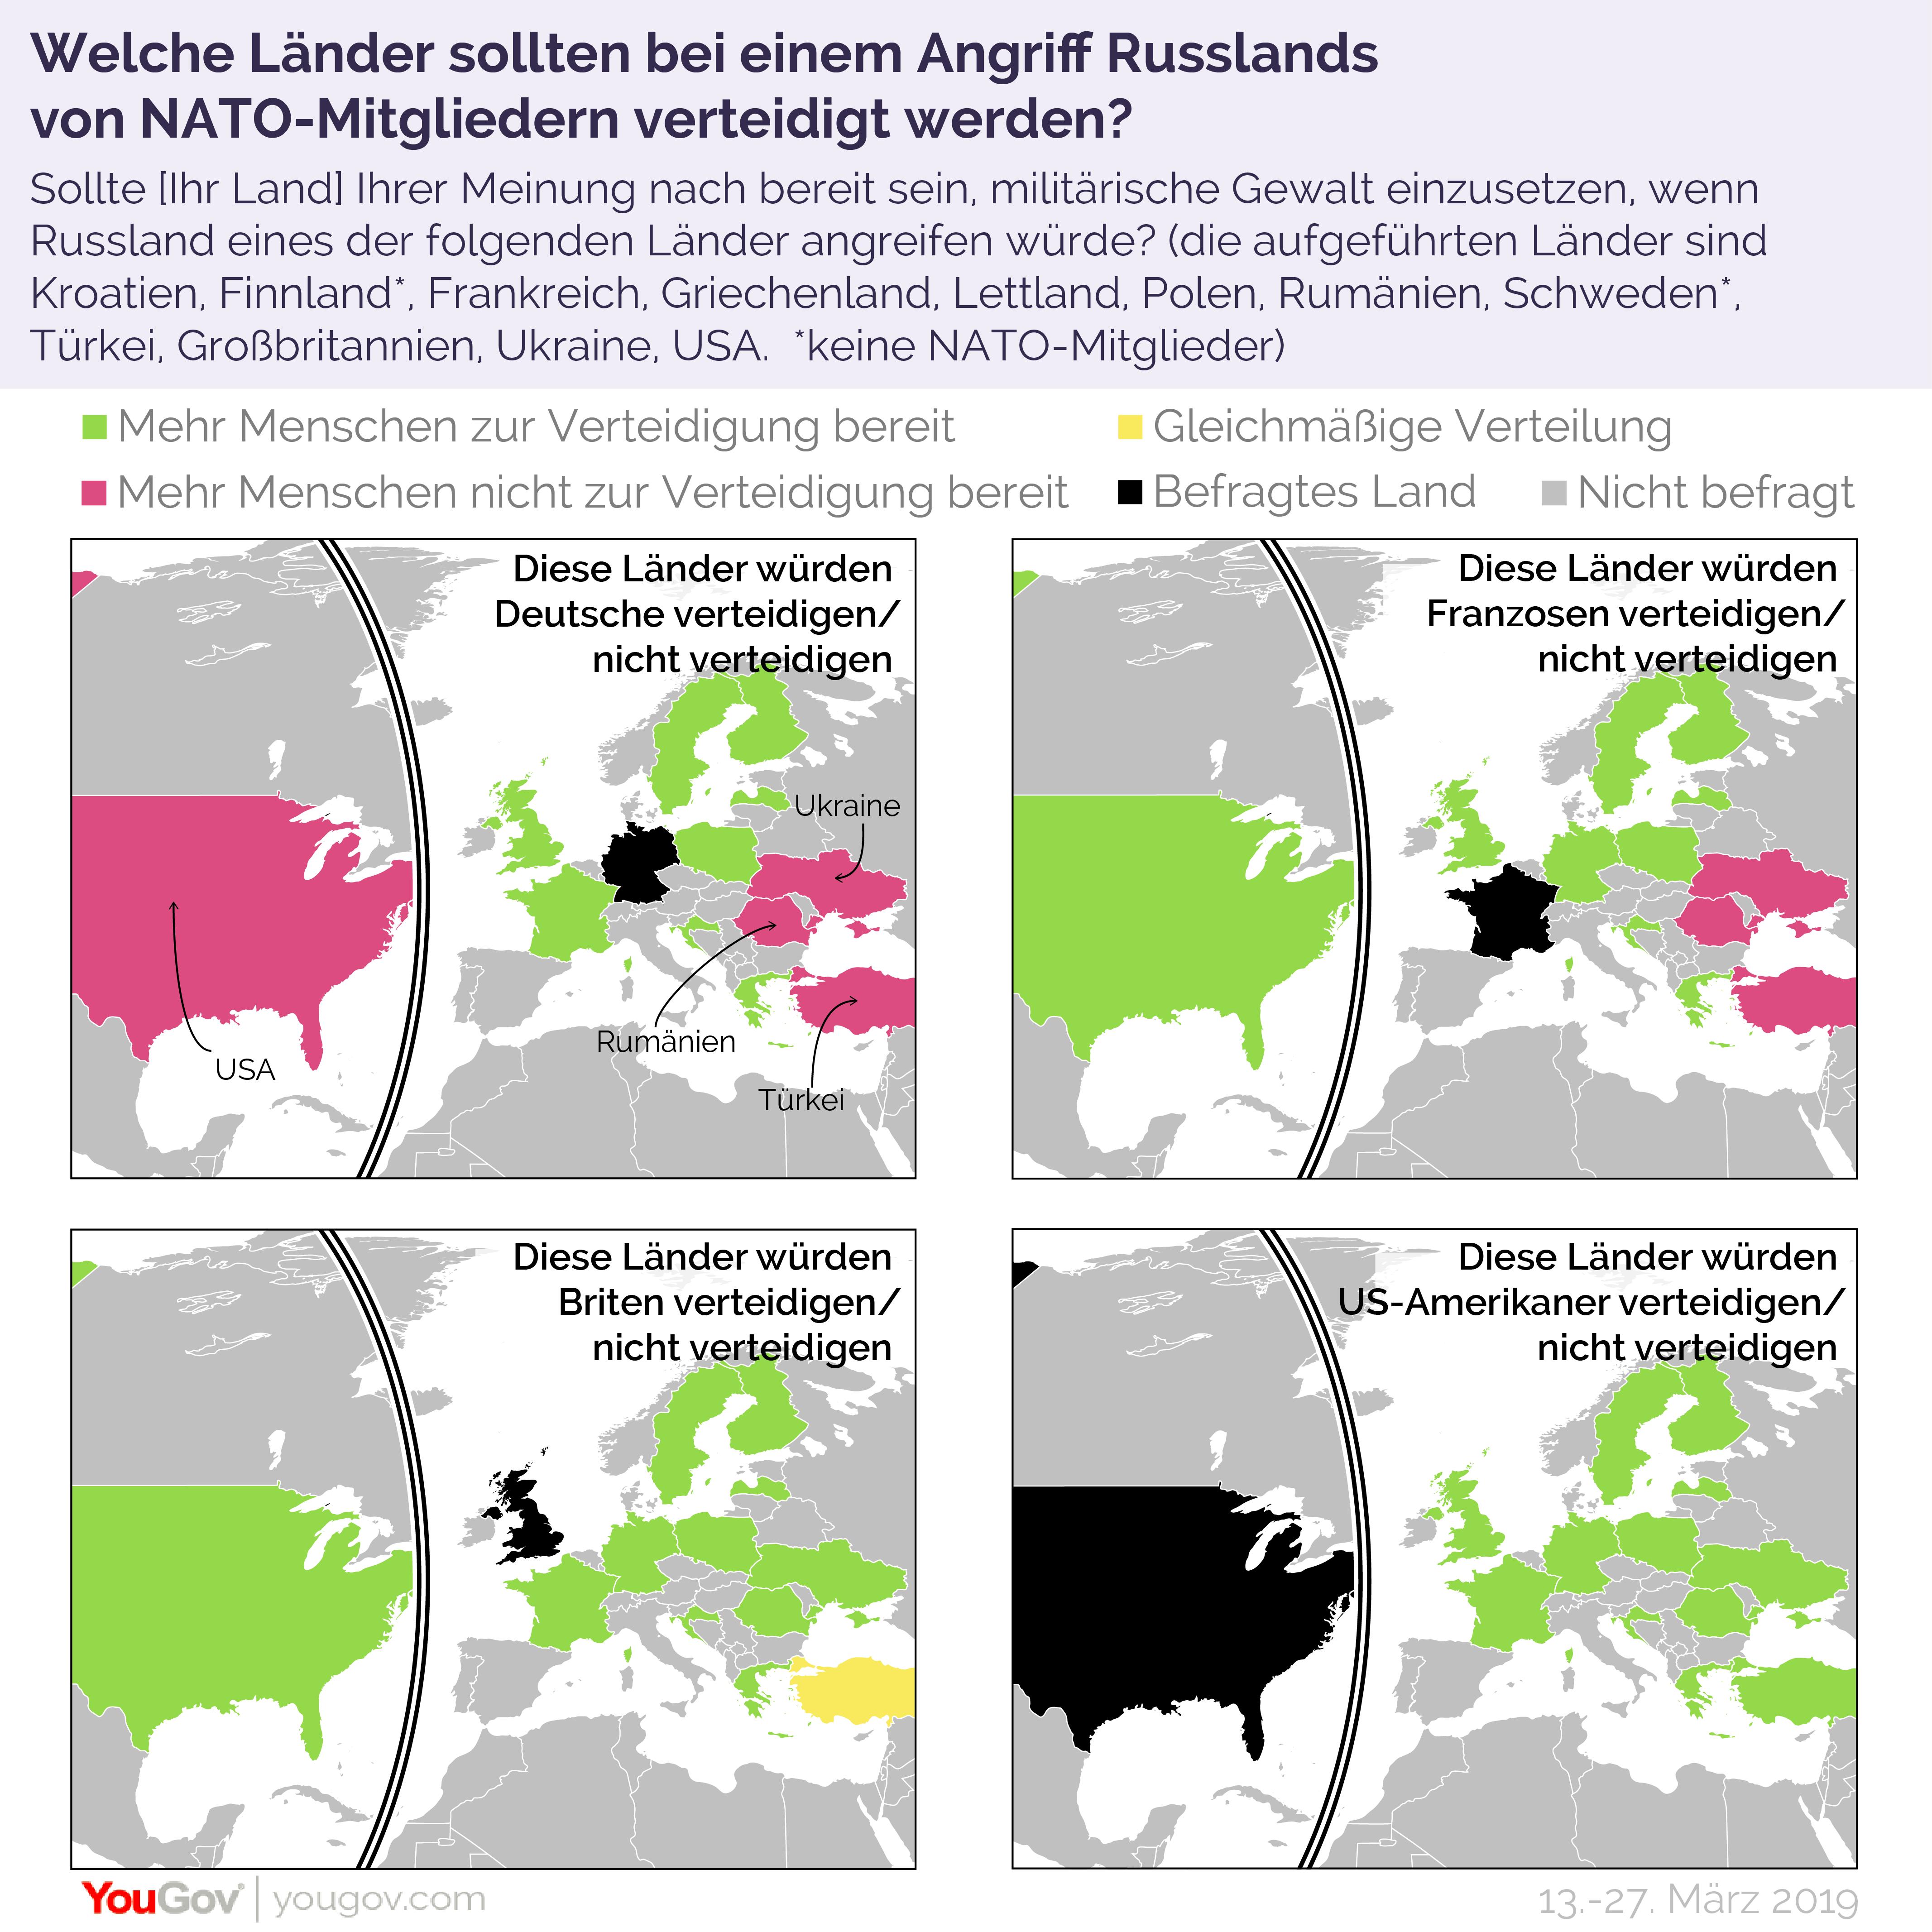 Deutsche würden bei einem Angriff Russlands die USA eher nicht verteidigen